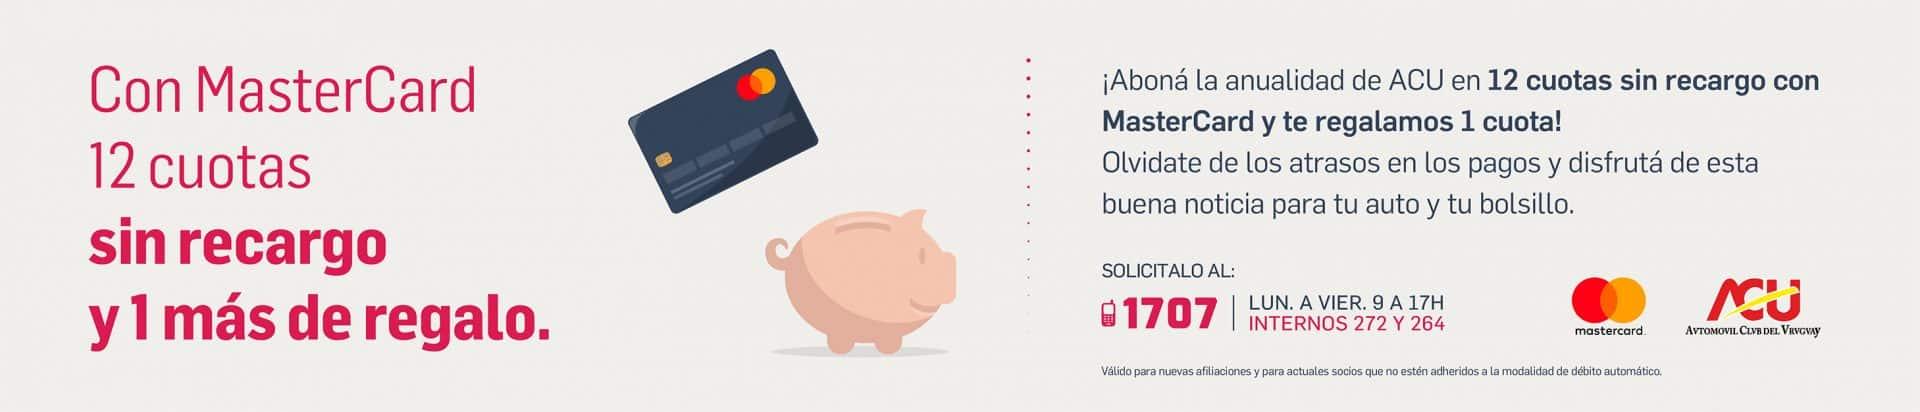 ACU_Anualidad-MasterCard-Slide-1